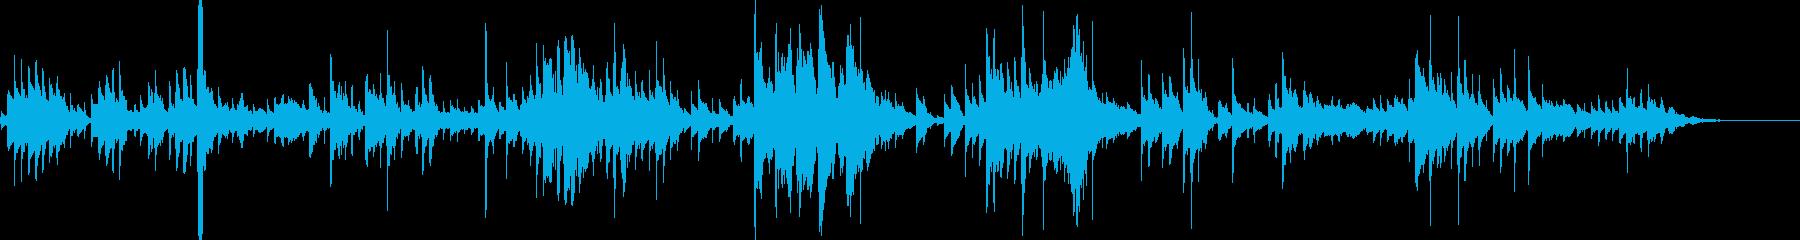 シンセビブラフォンアルペジオの再生済みの波形